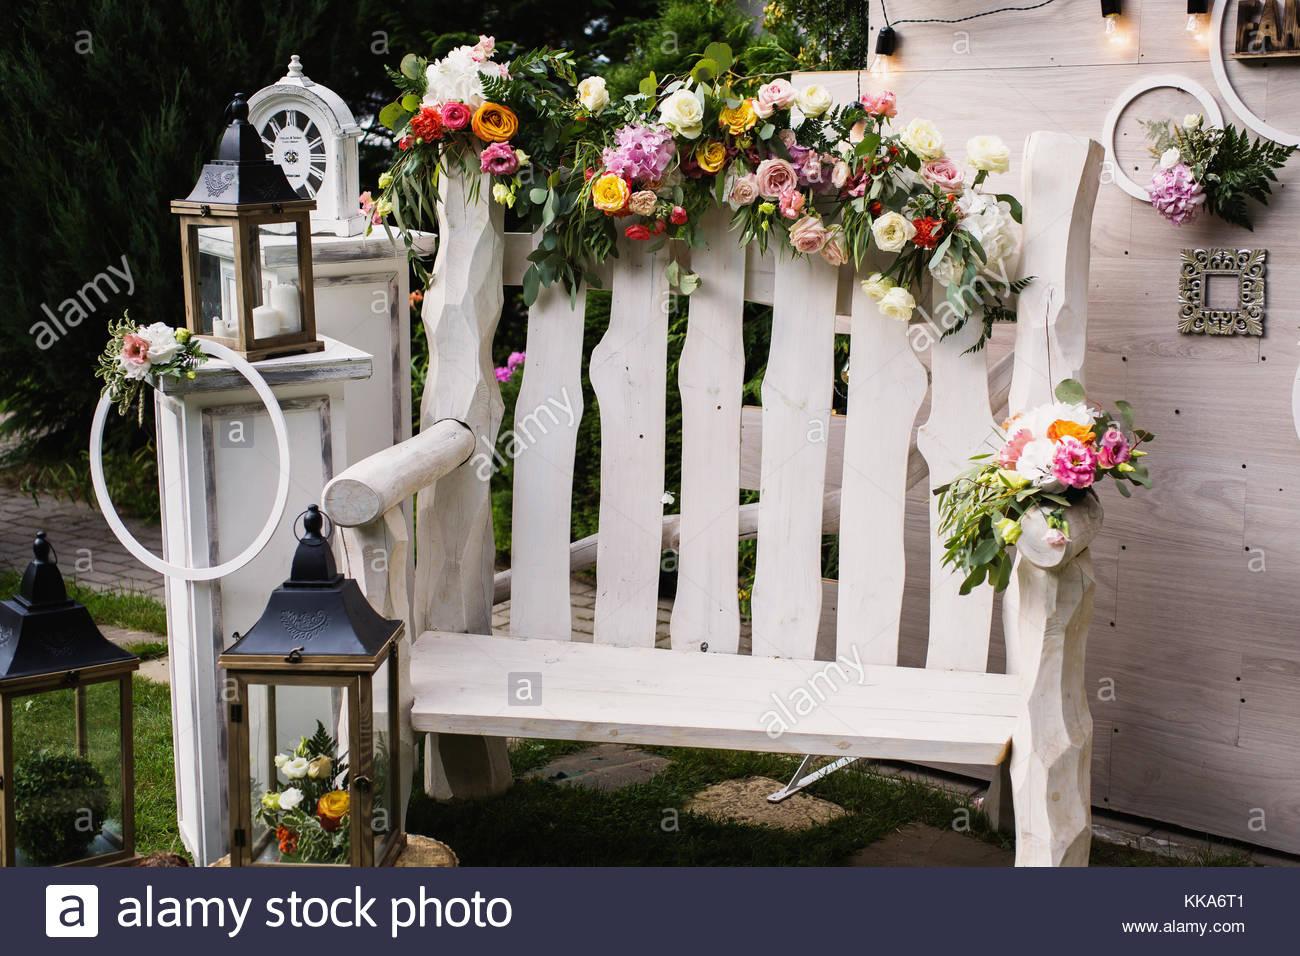 Fiori Matrimonio Rustico : Bella insolite decorazioni per matrimoni stile rustico banco